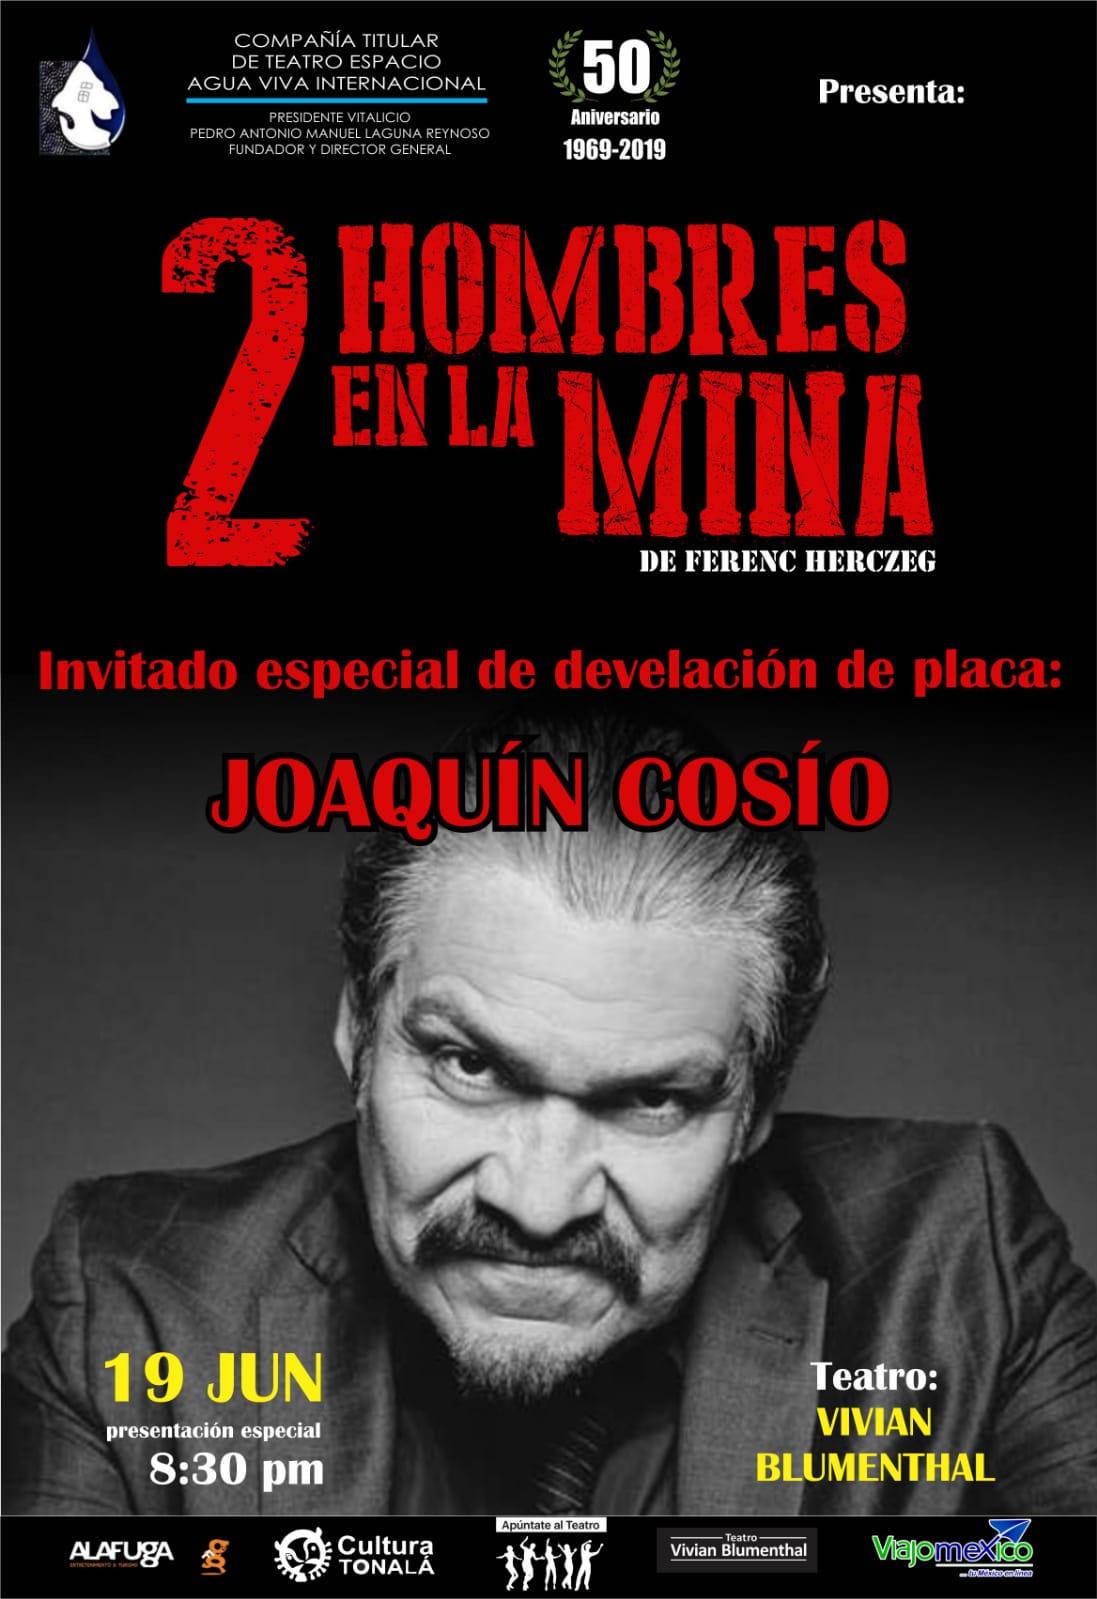 #CORTESÍAS #DateAlaFuga / 2 Hombres en la mina / Teatro Vivian Blumental